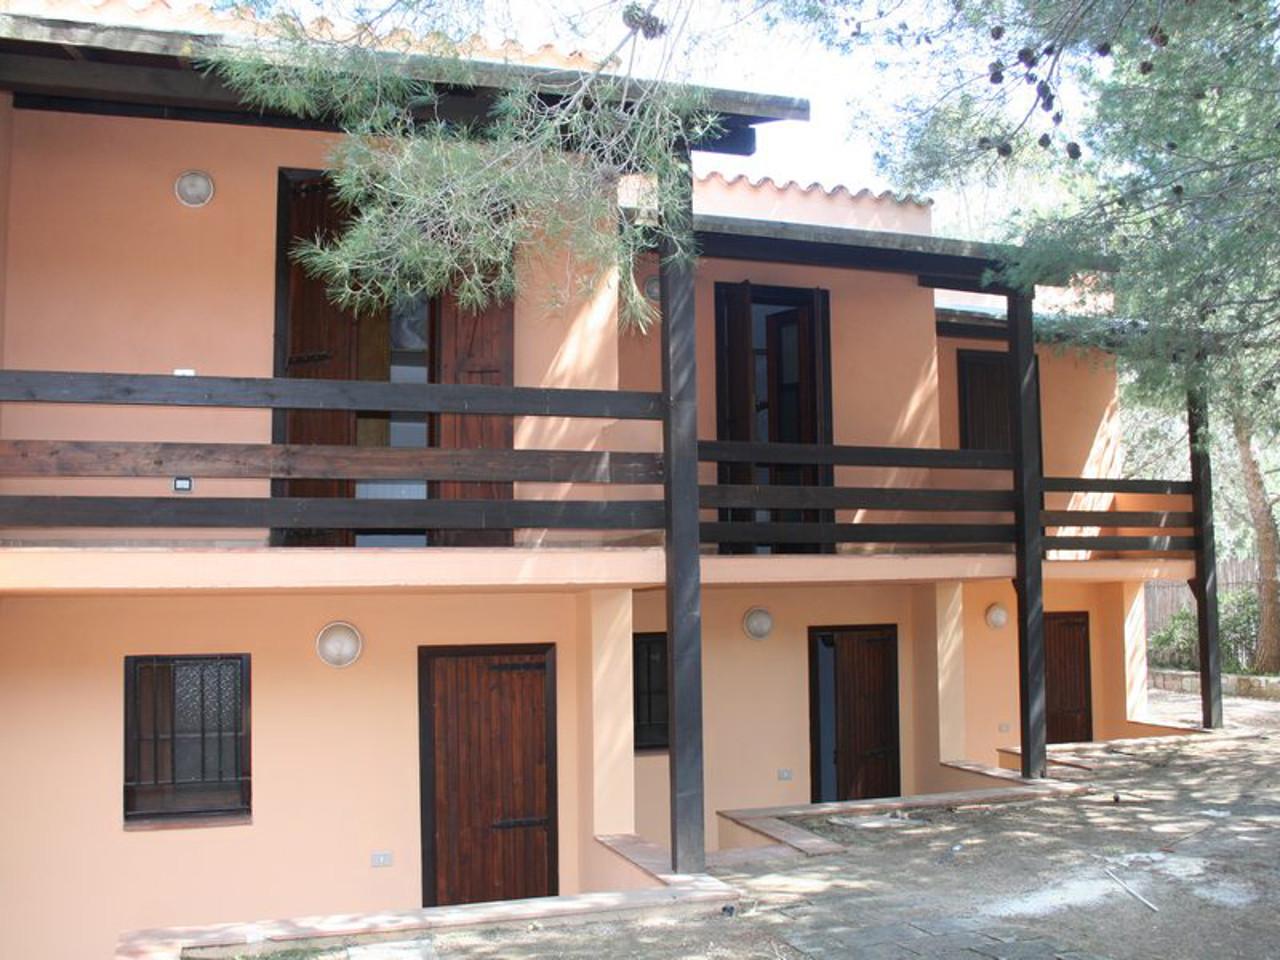 Residence sa playa budoni sardinia italy for Residence budoni 2